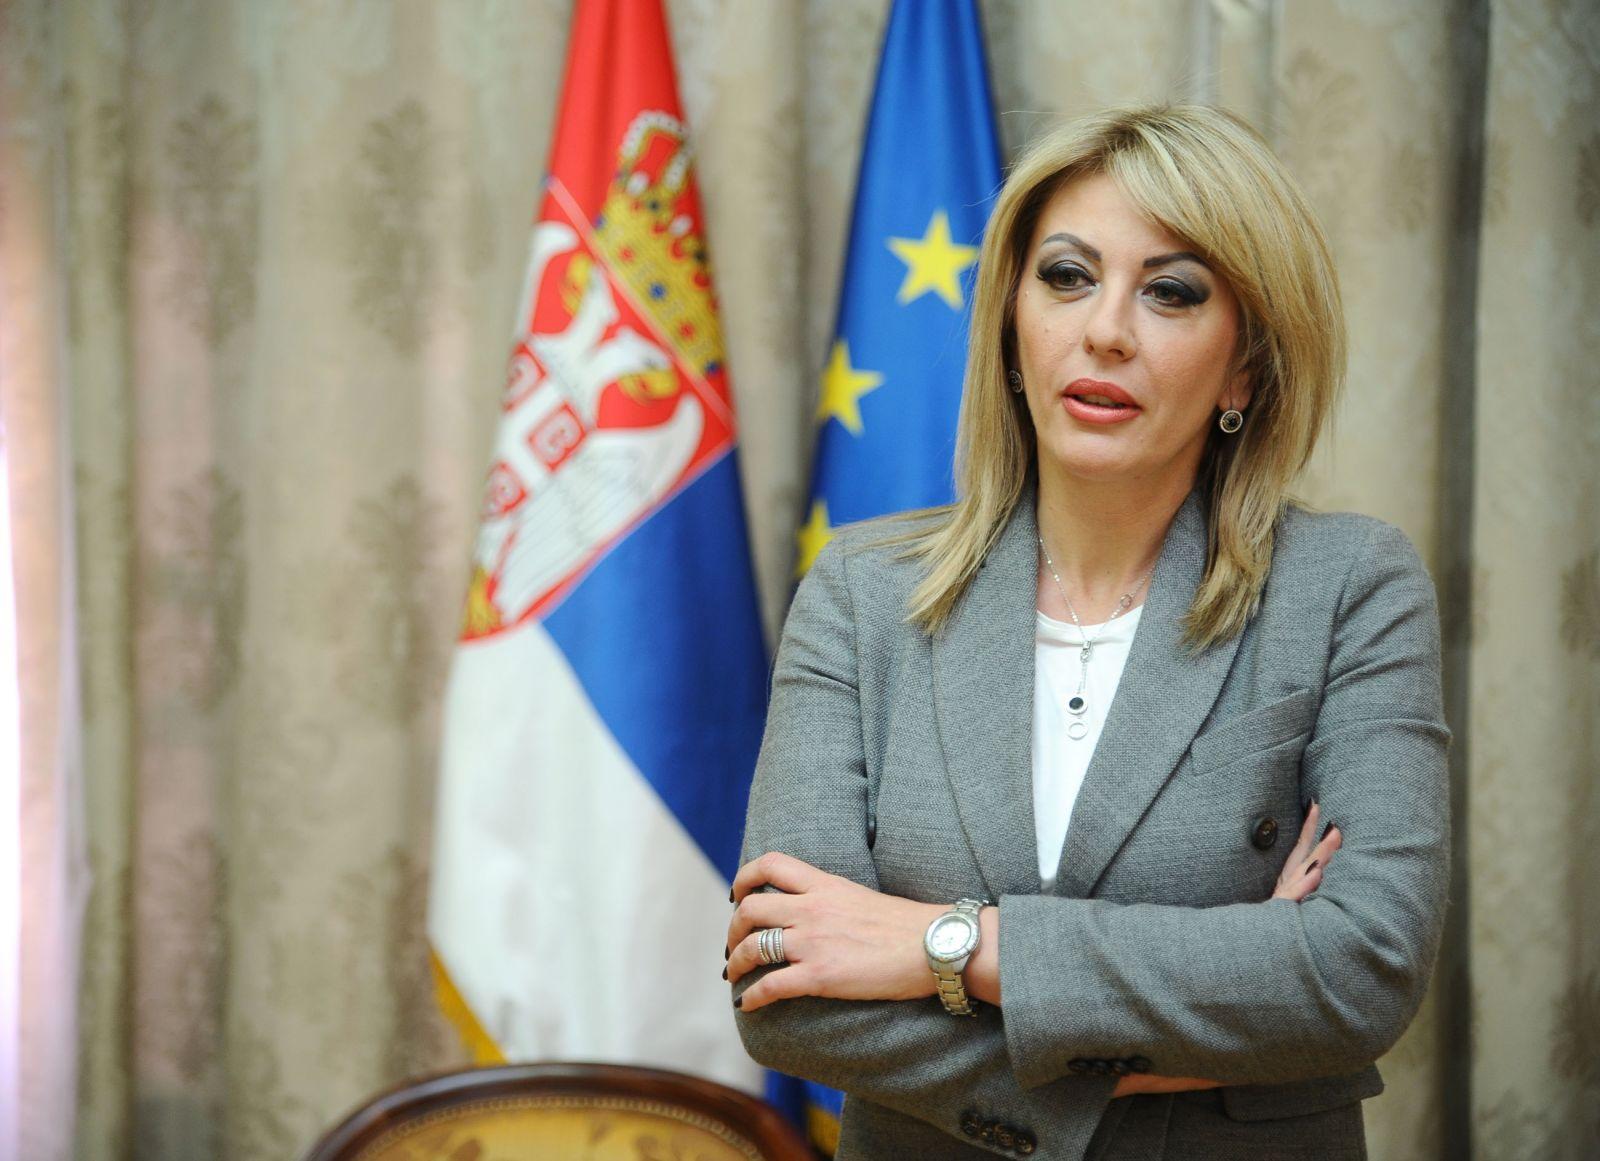 Ј. Јоксимовић: Реформски смо активни и посвећени сарадњи, очекујемо отварање нових поглавља